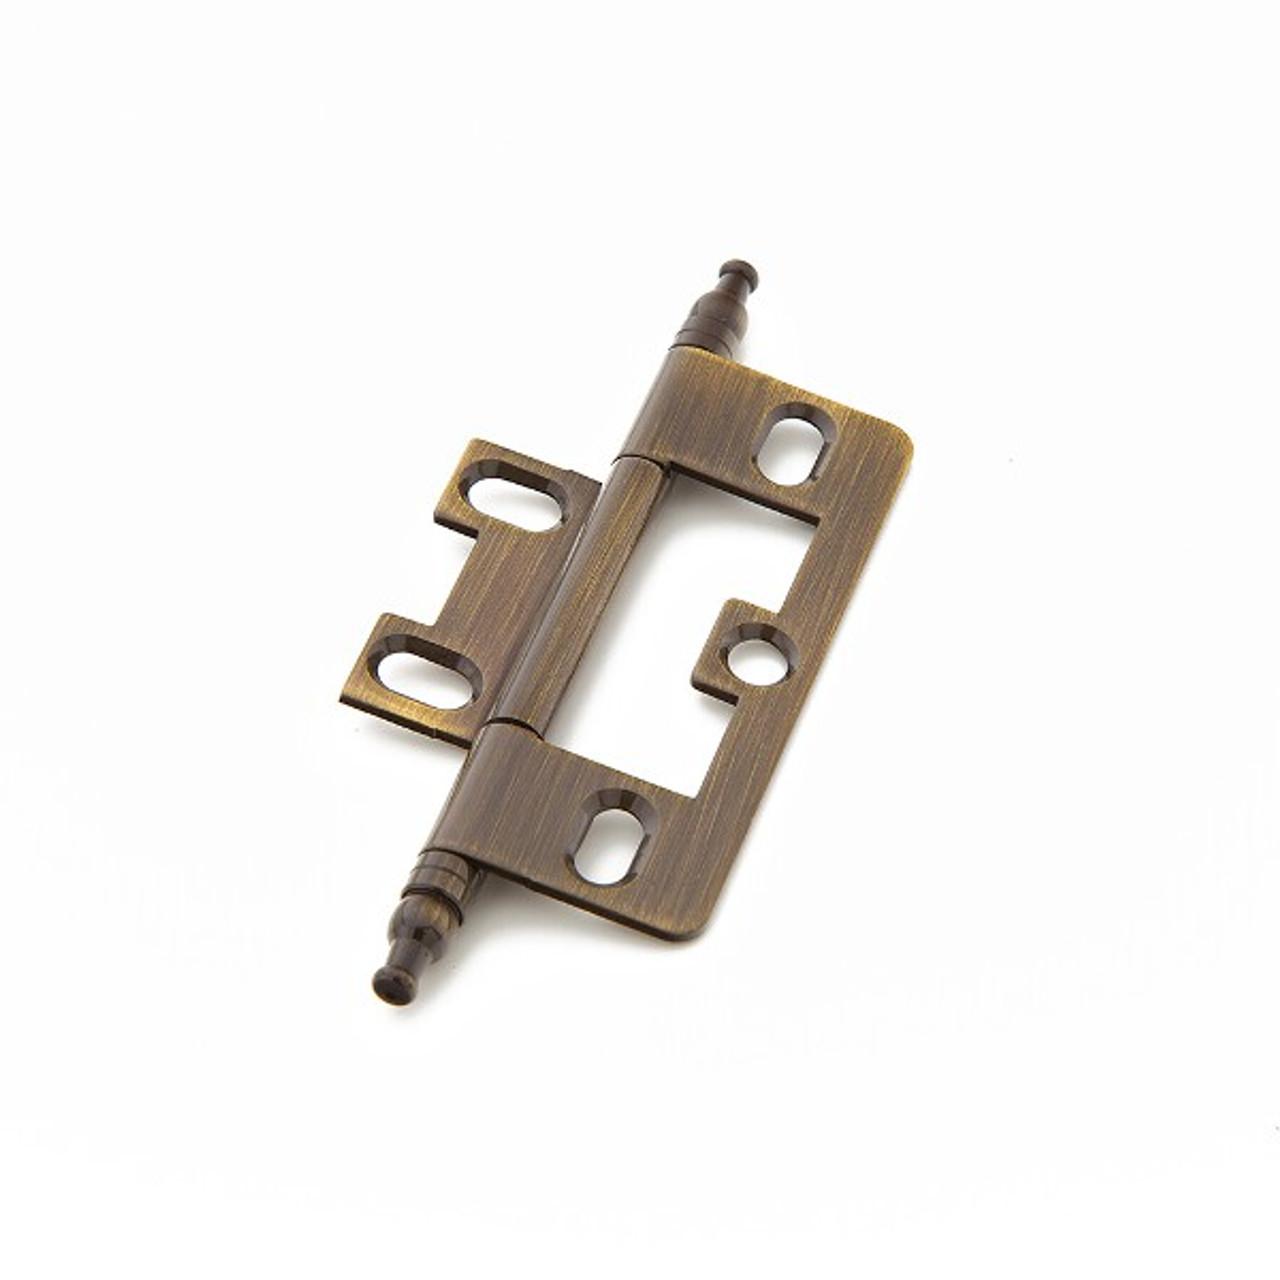 Hinge, Minaret Tip Non-Mortise, Antique Brass (SCH-1100M-AB)